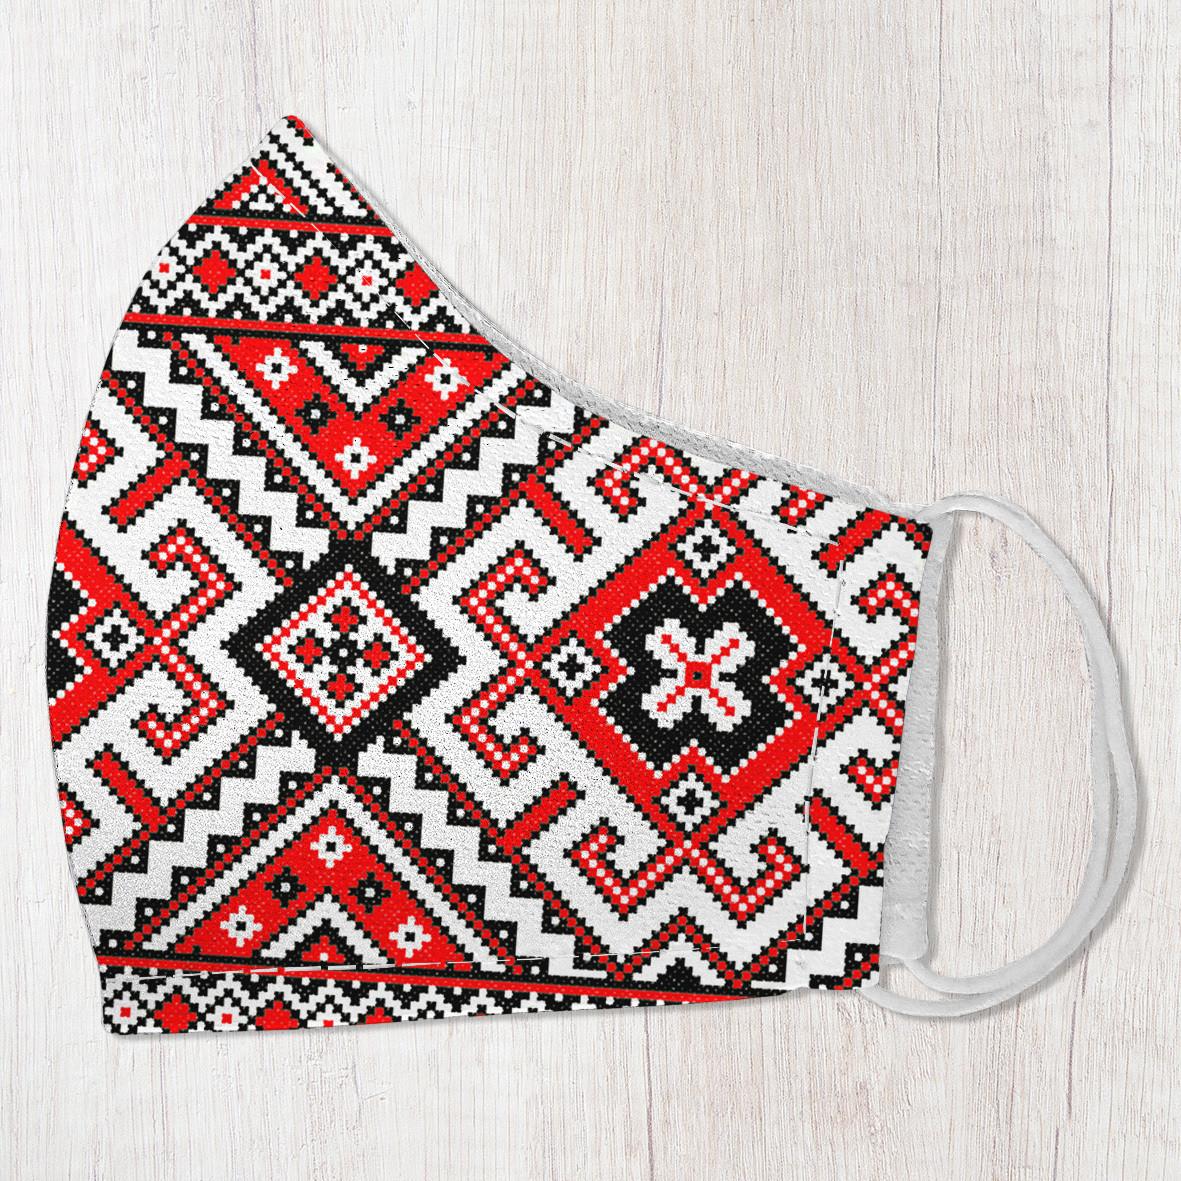 Захисна маска особи Український орнамент на червоному тлі 22х11 см (SMM_20S004)